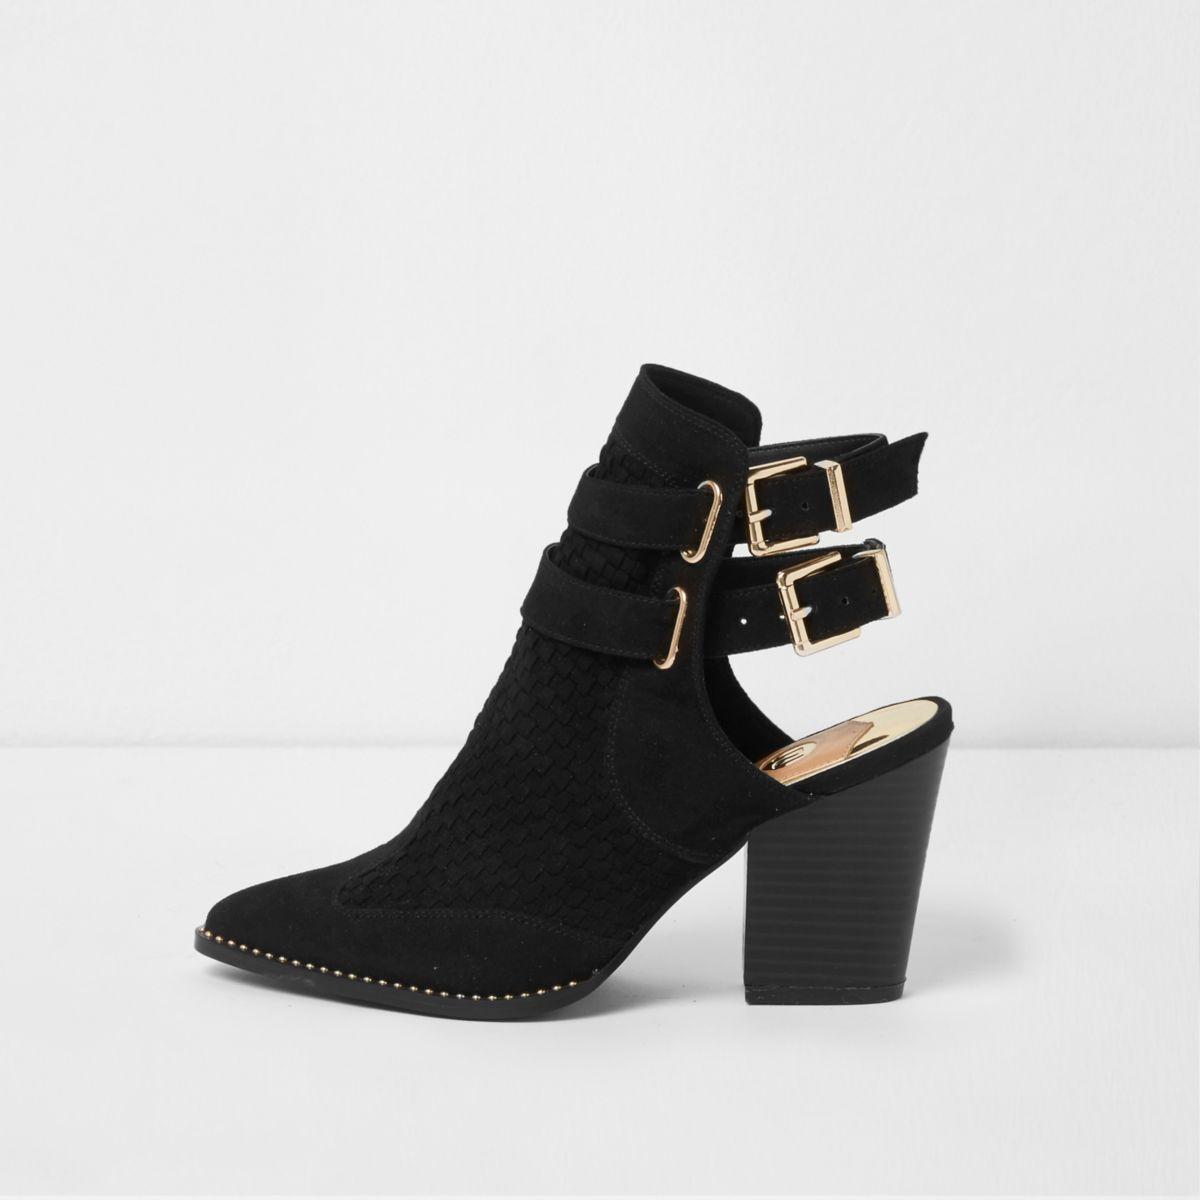 Schwarze, spitze Western-Stiefel mit zwei Schnallen